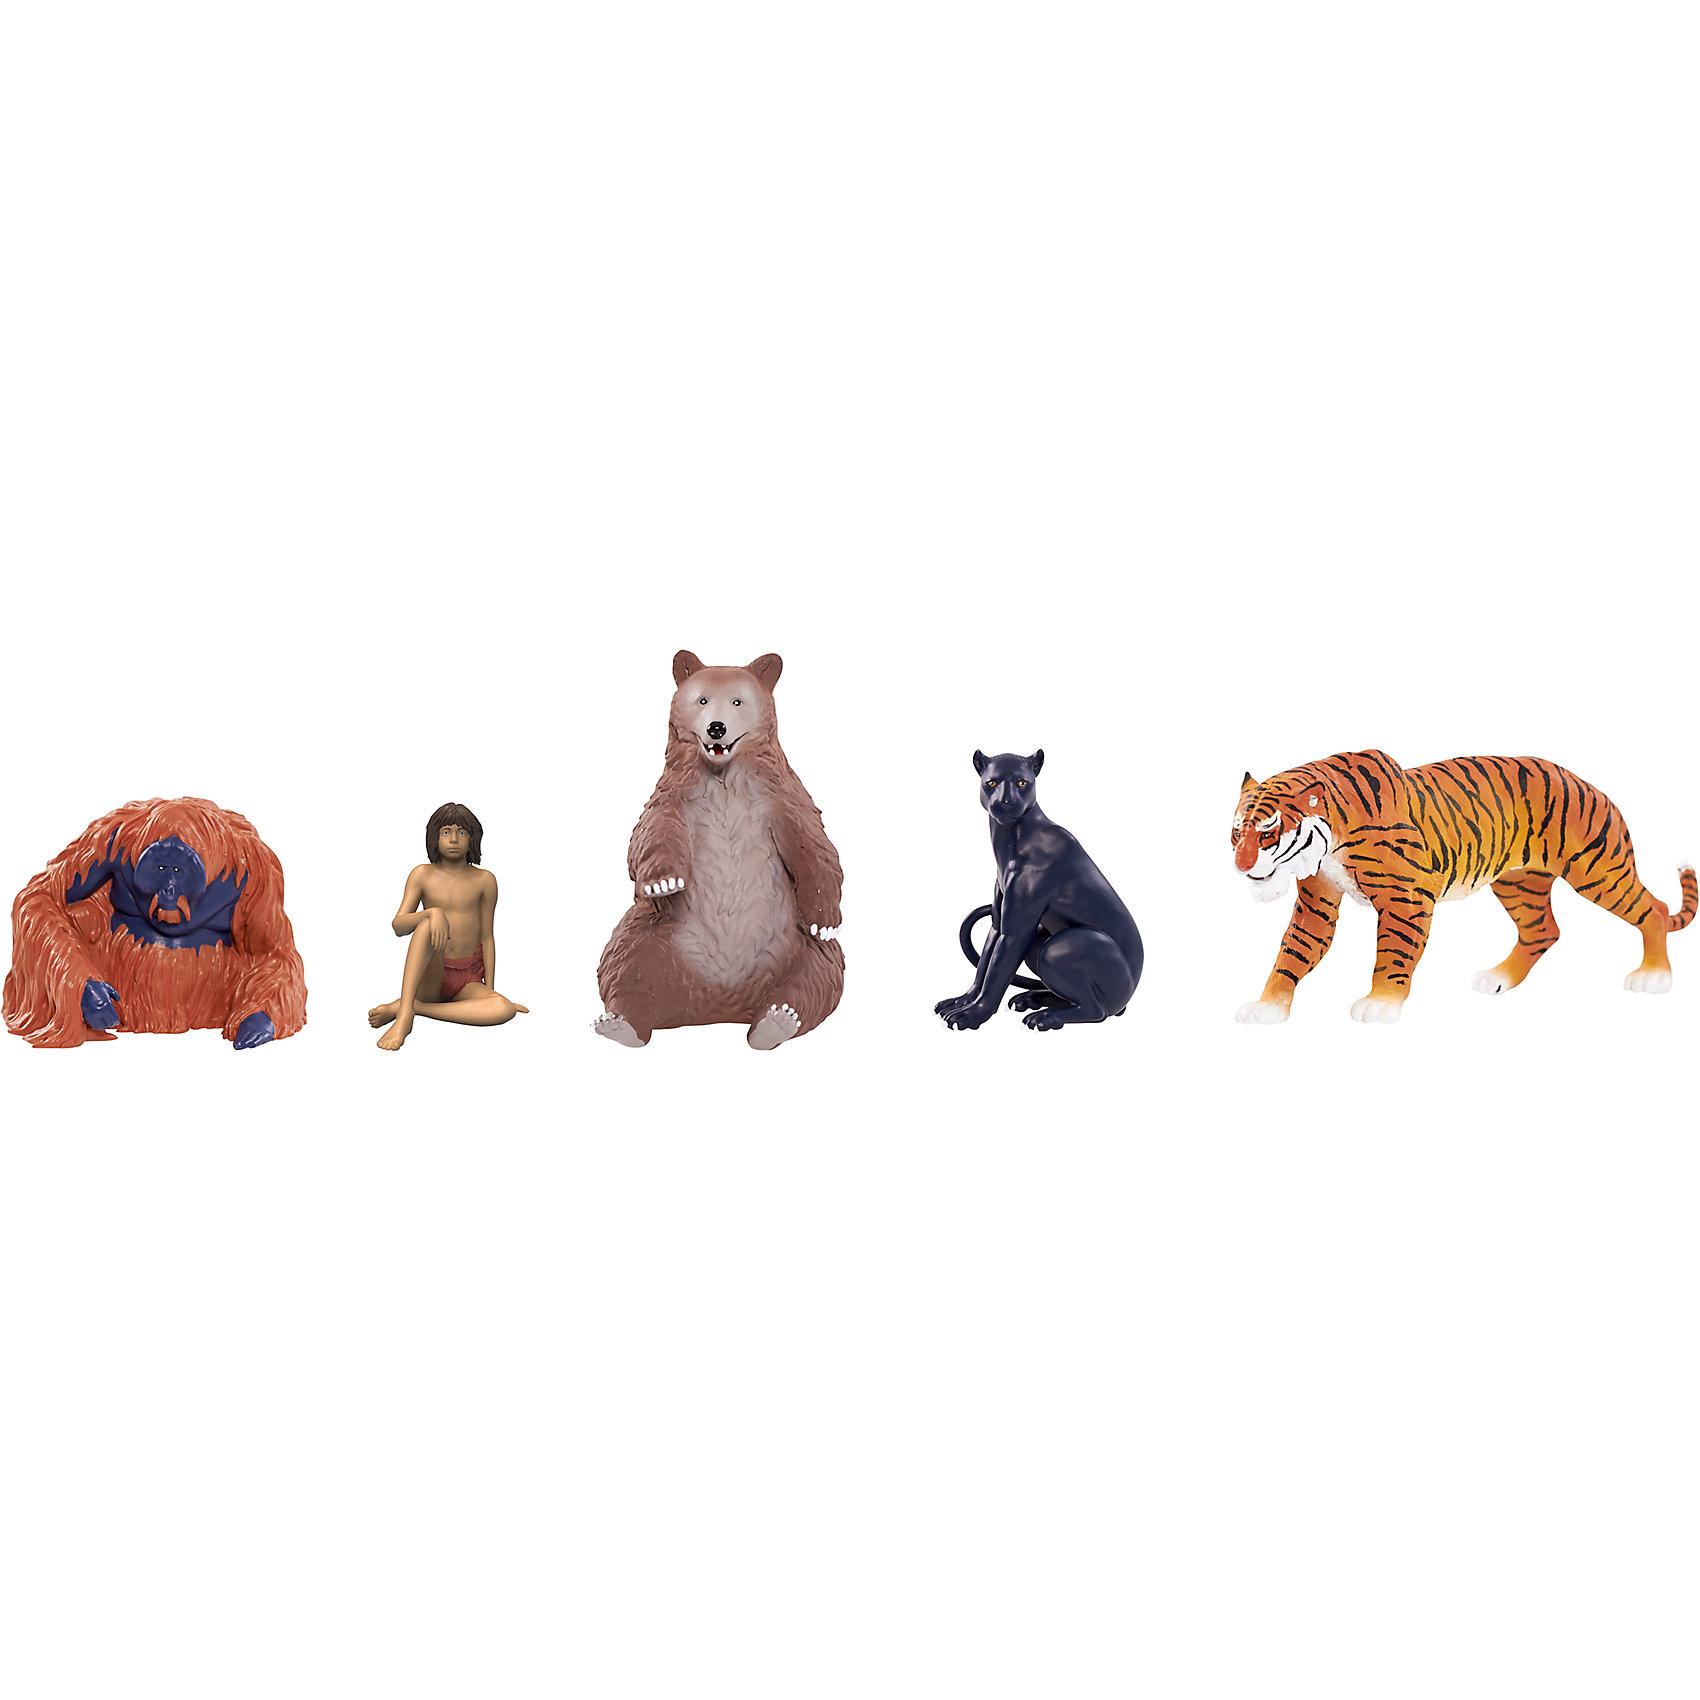 Игрушка Книга джунглей, 5 фигурок в блистере, Jungle BookМир животных<br>Игрушка Книга джунглей, 5 фигурок в блистере, Jungle Book.<br><br>Характеристики:<br><br>- В наборе 5 фигурок: Маугли, Балу, Король Луи, Шерхан, Багира<br>- Высота фигурки Маугли: 4 см.<br>- Высота фигурки Балу: 6 см.<br>- Материал: пластик<br>- Упаковка: коробка-блистер<br>- Размер упаковки: 29х12х13 см.<br>- Вес: 345 гр.<br><br>Набор включает в себя 5 фигурок. Каждая из них изображает одного из персонажей фильма Книга Джунглей, который повествует о мальчике Маугли, случайно попавшего в дикие джунгли и выросшего там, в окружении диких животных. В наборе представлены тщательно детализированные фигурки храброго мальчика Маугли, добродушного медведя Балу, обезьяны Короля Луи, грозного тигра Шерхана, а также грациозной пантеры Багиры. Фигурки станут отличным подарком для каждого поклонника фильма Книга Джунглей. С ними ребенок сможет воспроизвести любимую сцену из фильма, либо придумать собственную историю о приключениях героев.<br><br>Игрушку Книга джунглей, 5 фигурок в блистере, Jungle Book можно купить в нашем интернет-магазине.<br><br>Ширина мм: 290<br>Глубина мм: 130<br>Высота мм: 120<br>Вес г: 360<br>Возраст от месяцев: 36<br>Возраст до месяцев: 144<br>Пол: Унисекс<br>Возраст: Детский<br>SKU: 4653322